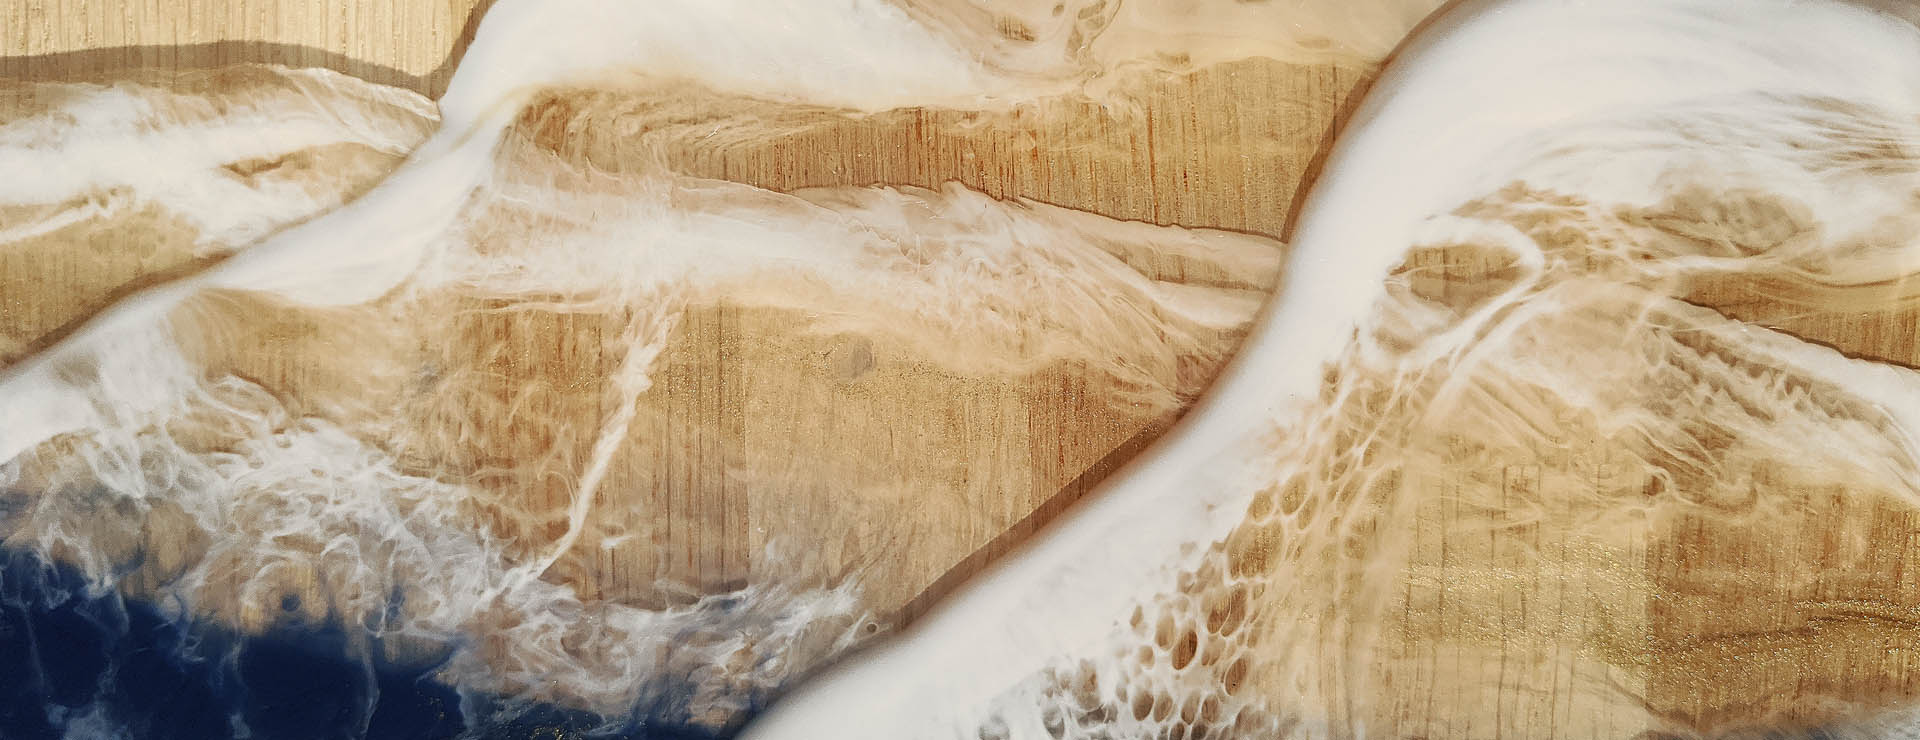 Plateau chêne vague